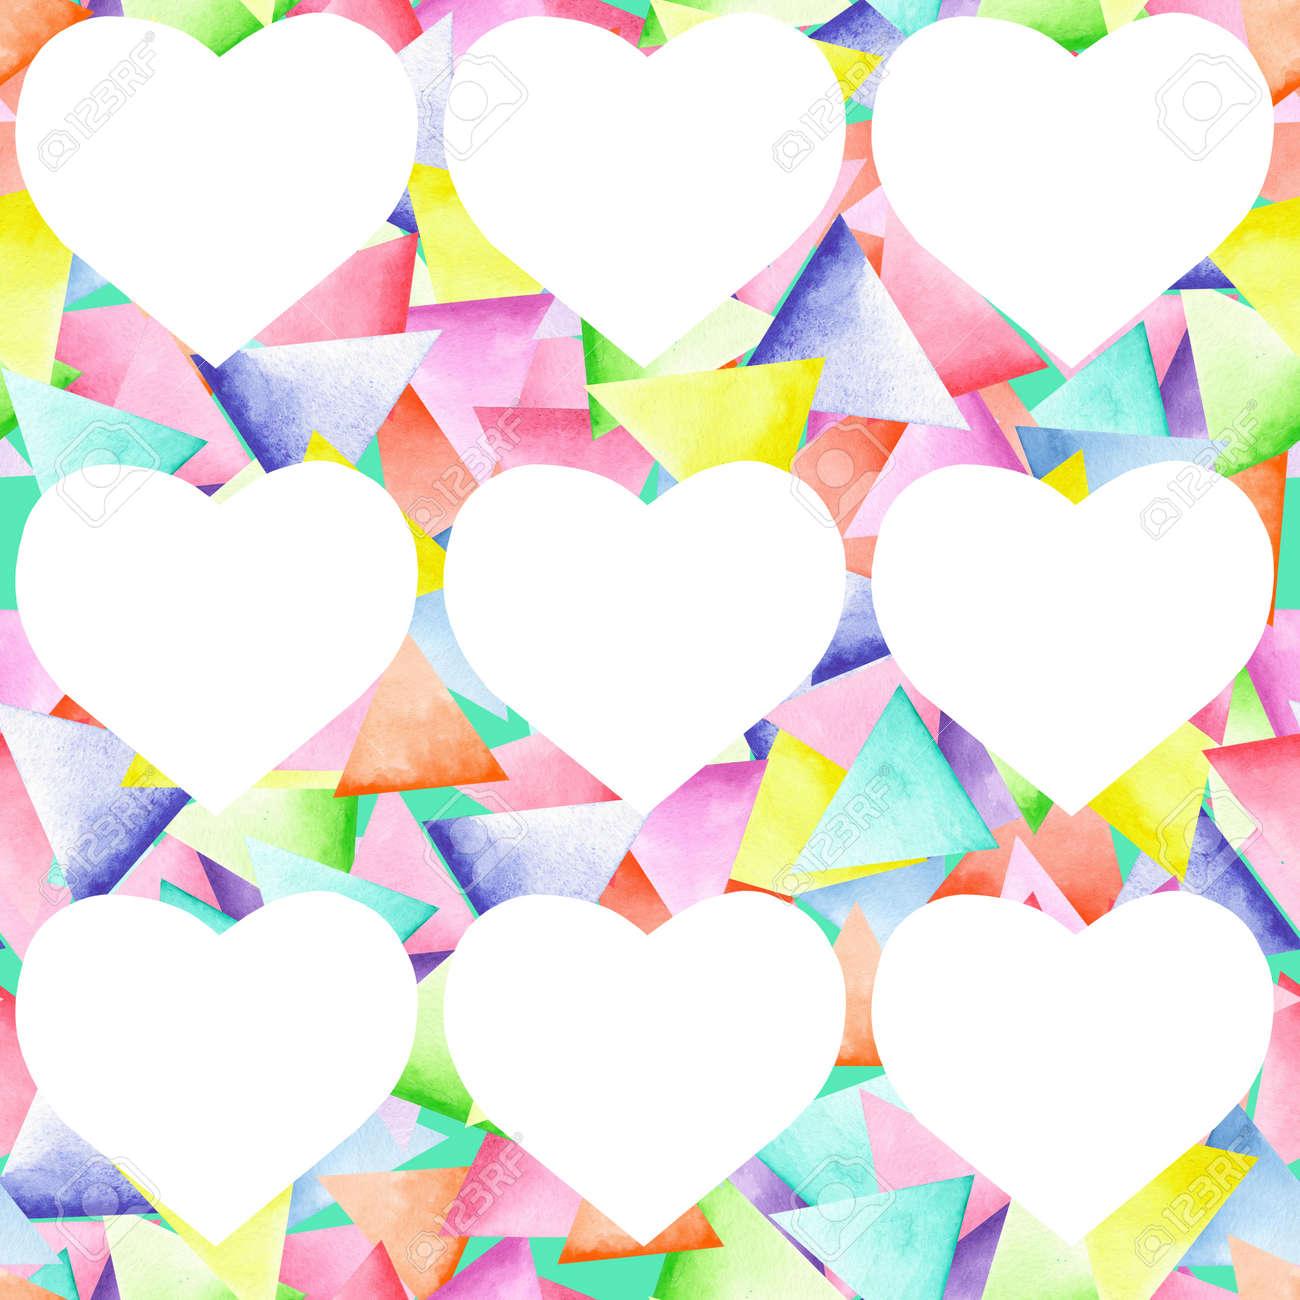 Modelo Geométrico Inconsútil Con Triángulos Brillantes Pintados En ...